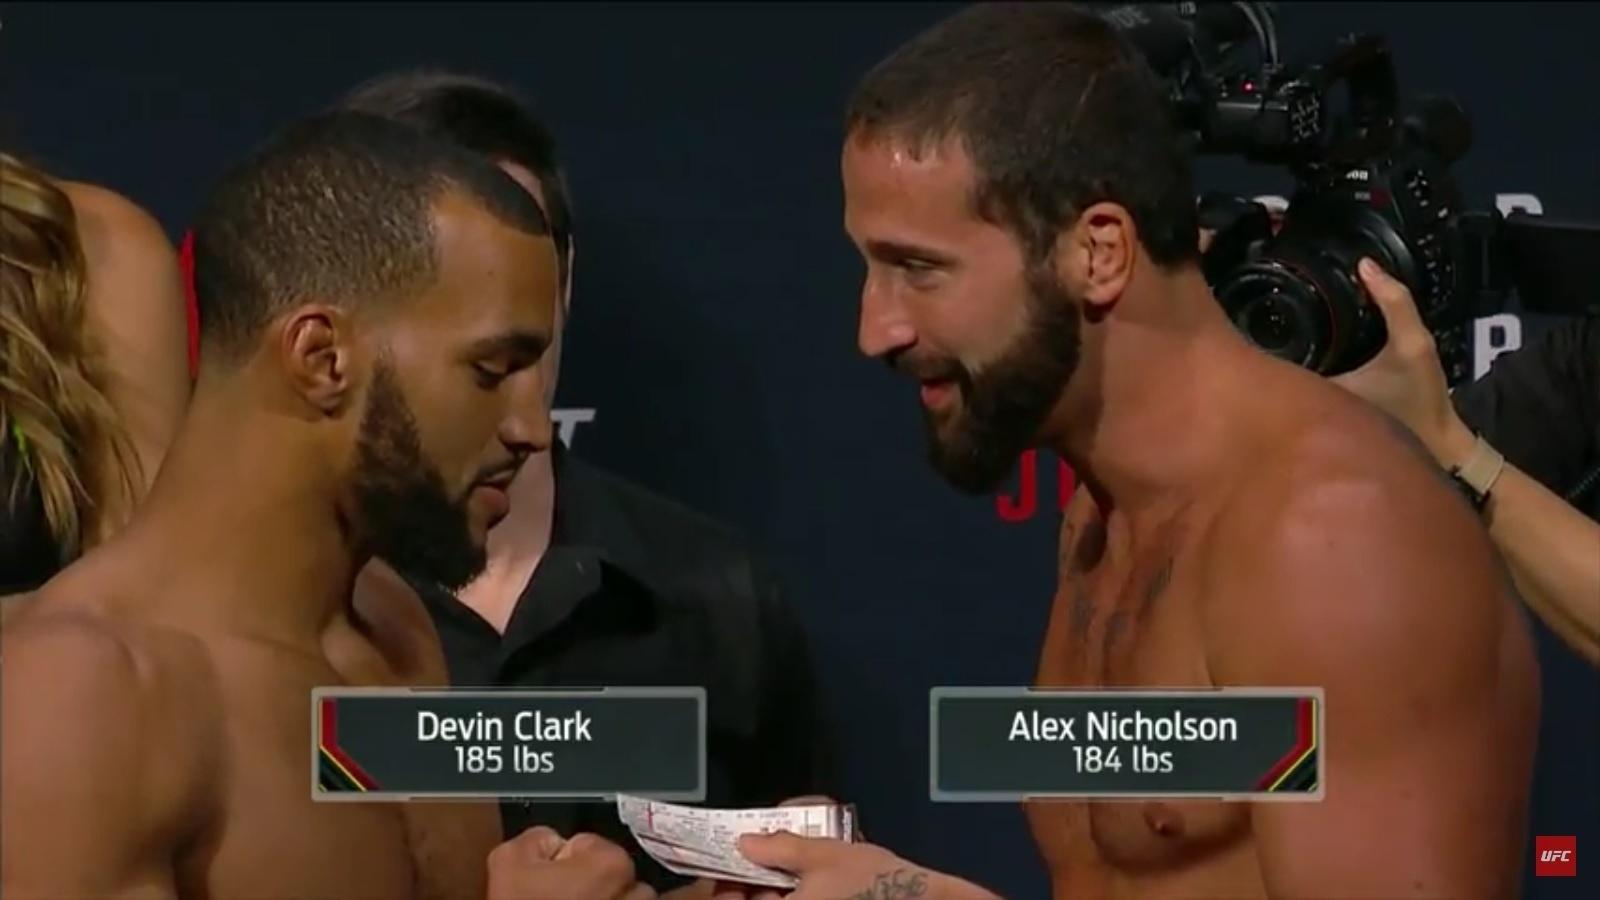 Alex Nicholson entrega ingressos para Devin Clark, durante pesagem do UFC